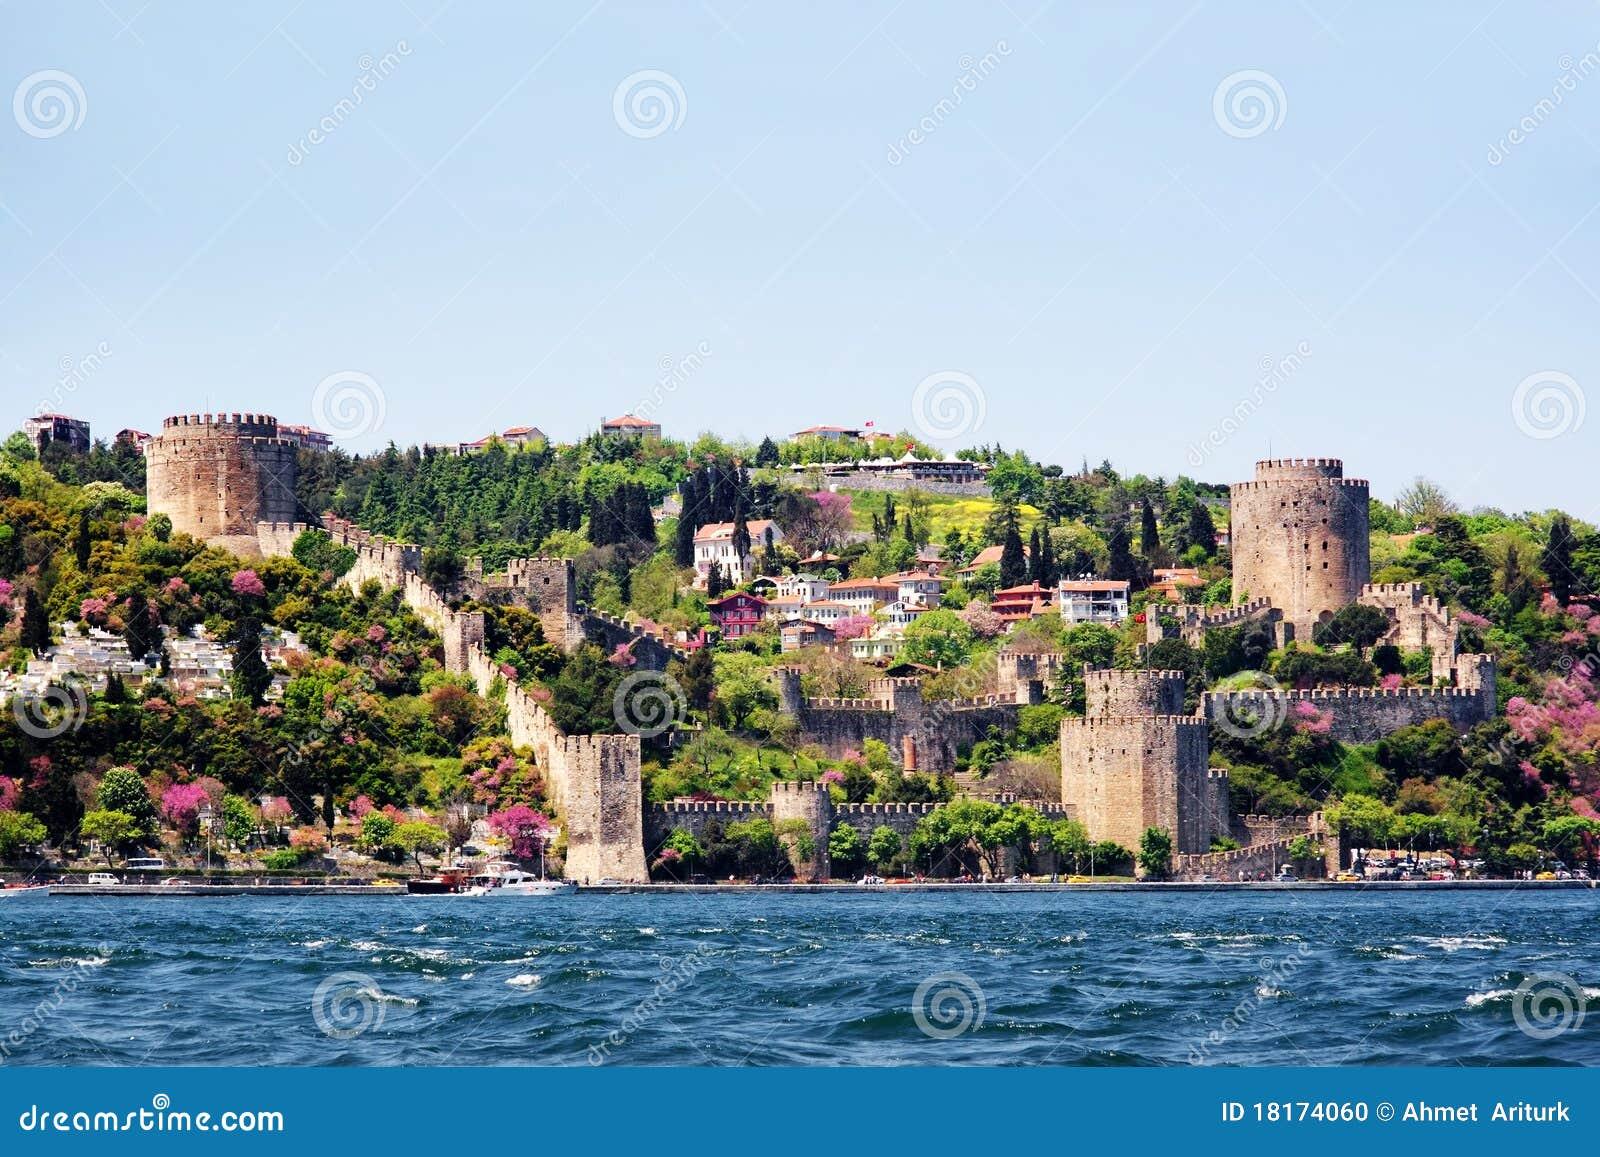 Rumeli Fortress, Istanbul Stock Photo - Image: 18174060